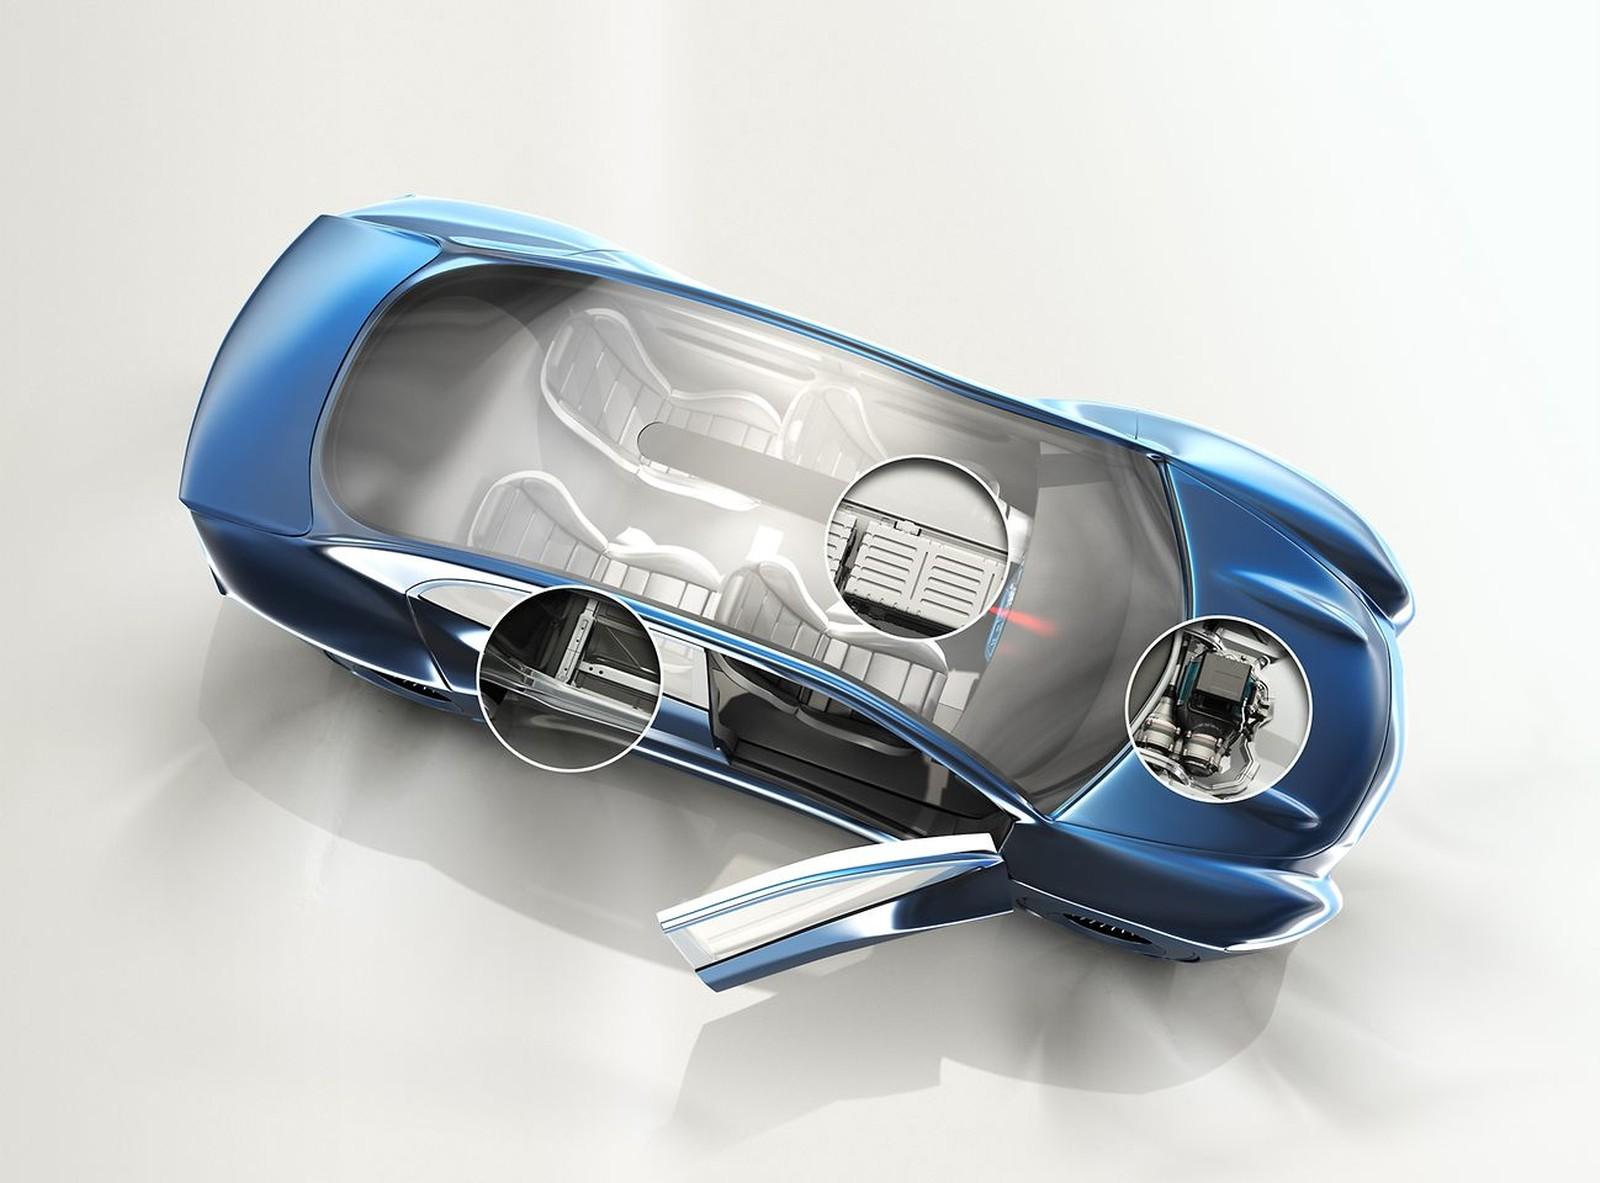 Klebstoffe von Henkel  beeinflussen die Zukunft der E-Mobilität.